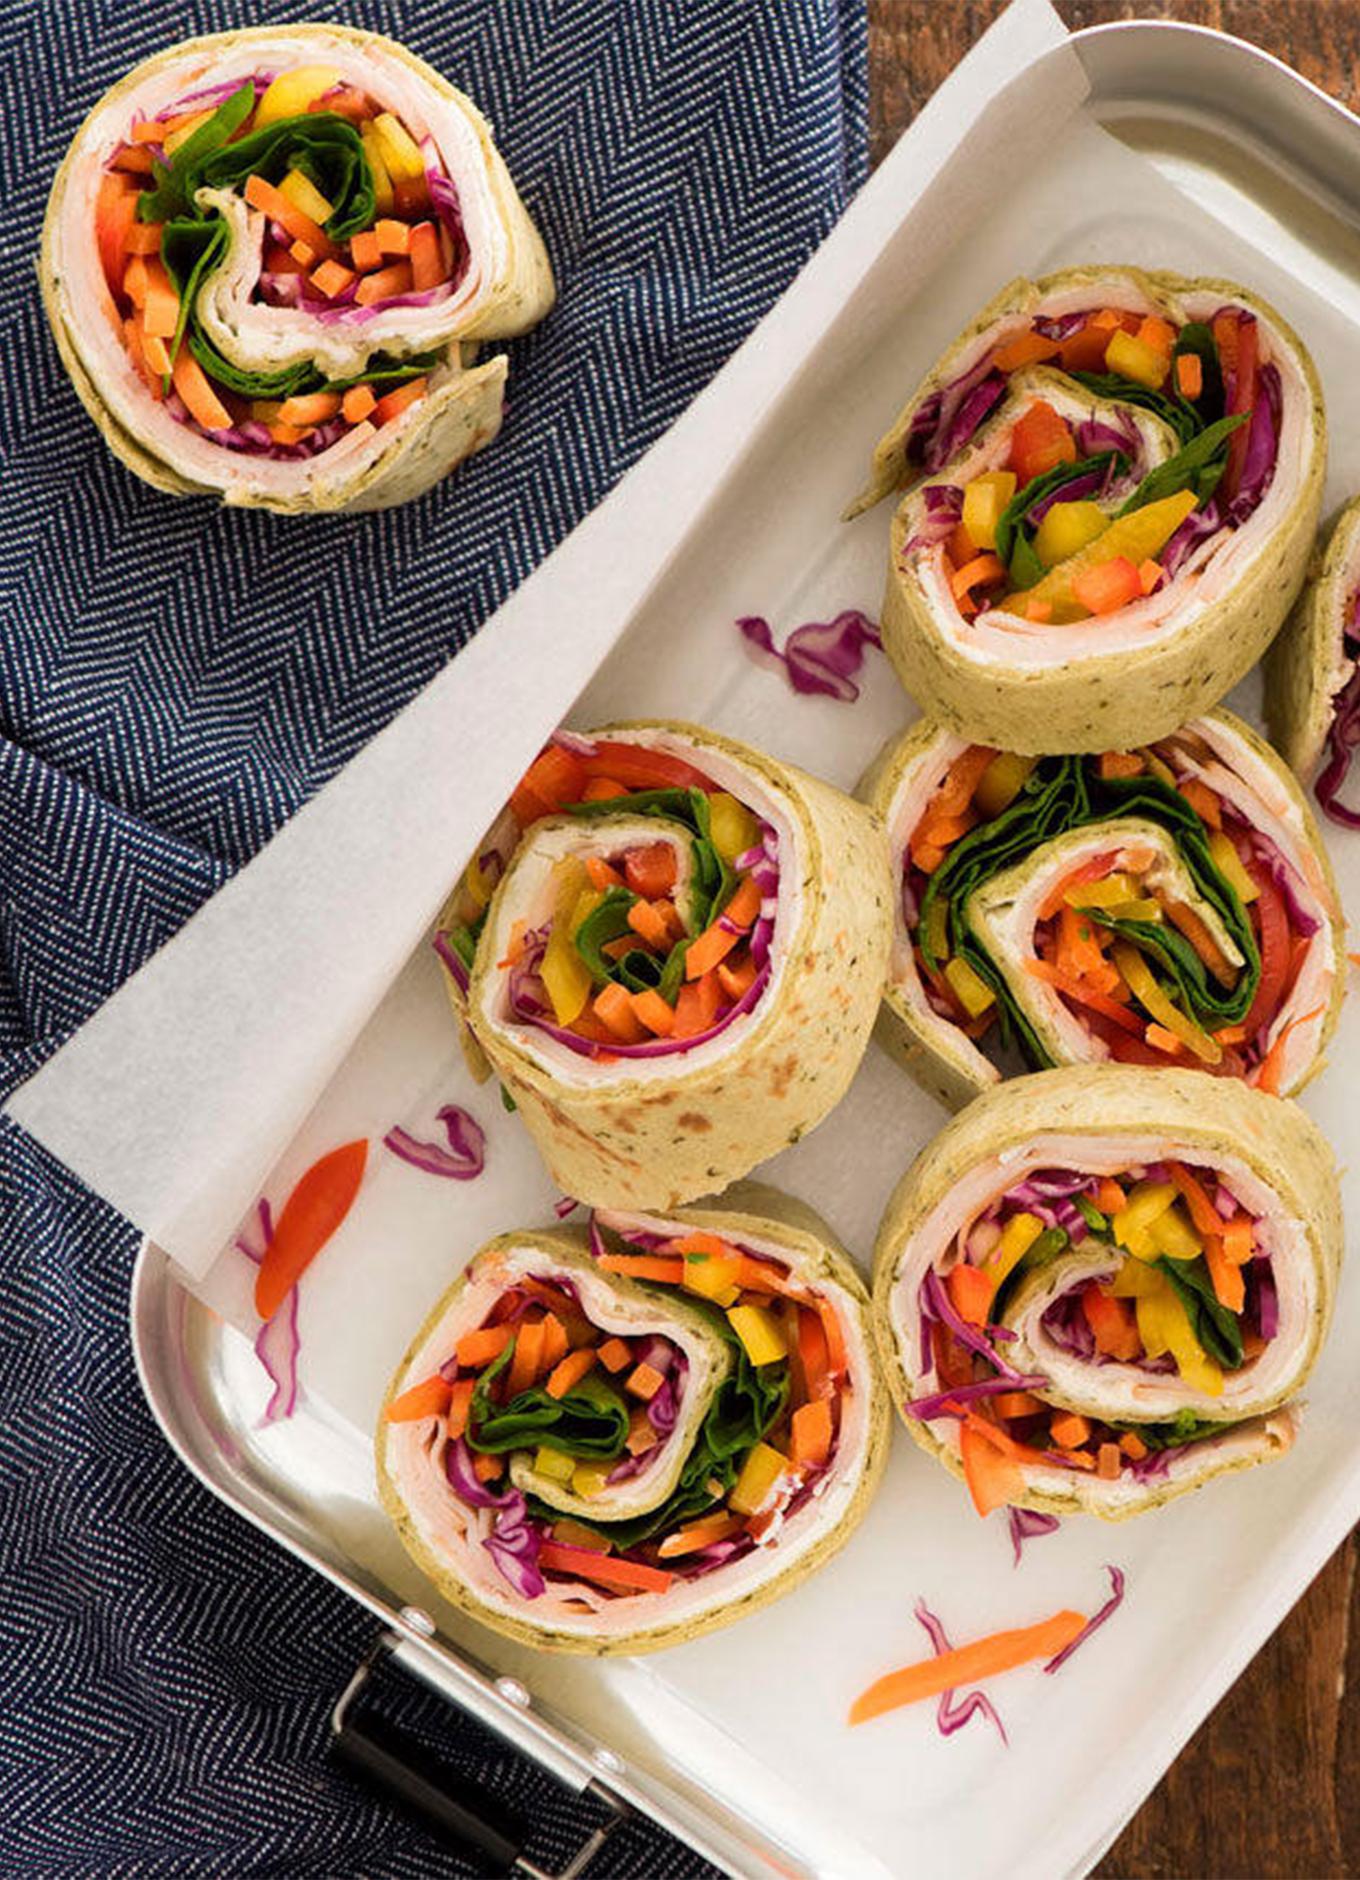 Un plateau haut en couleur de sandwichs en forme de spirales aux légumes arc-en-ciel, avec légumes colorés et poitrine de poulet fumée Zabiha Halal, servis sur une table en bois.